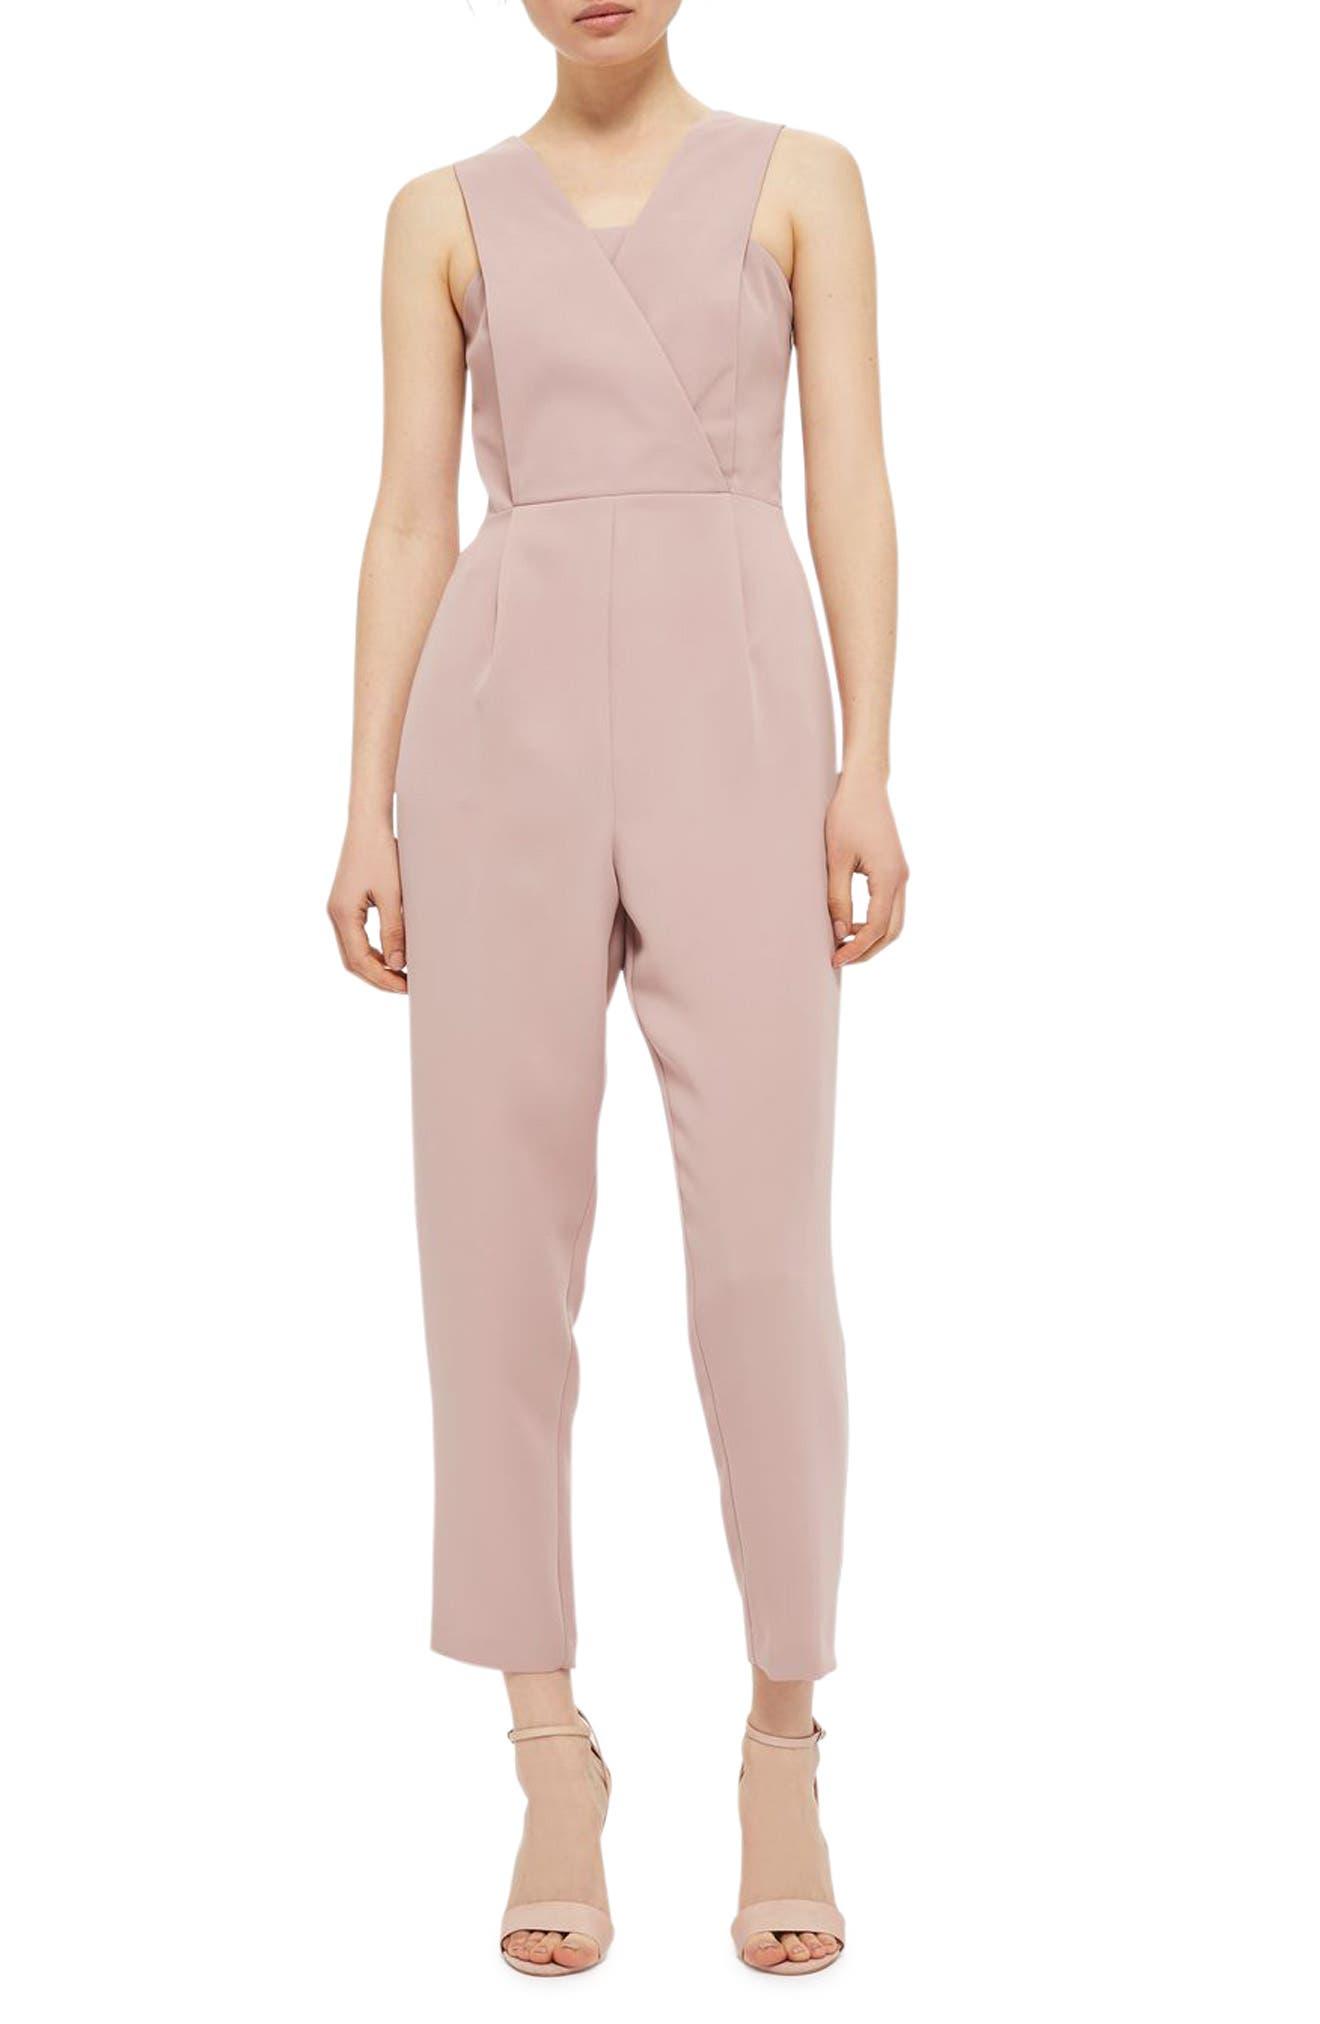 Roxy Jumpsuit,                         Main,                         color, 680